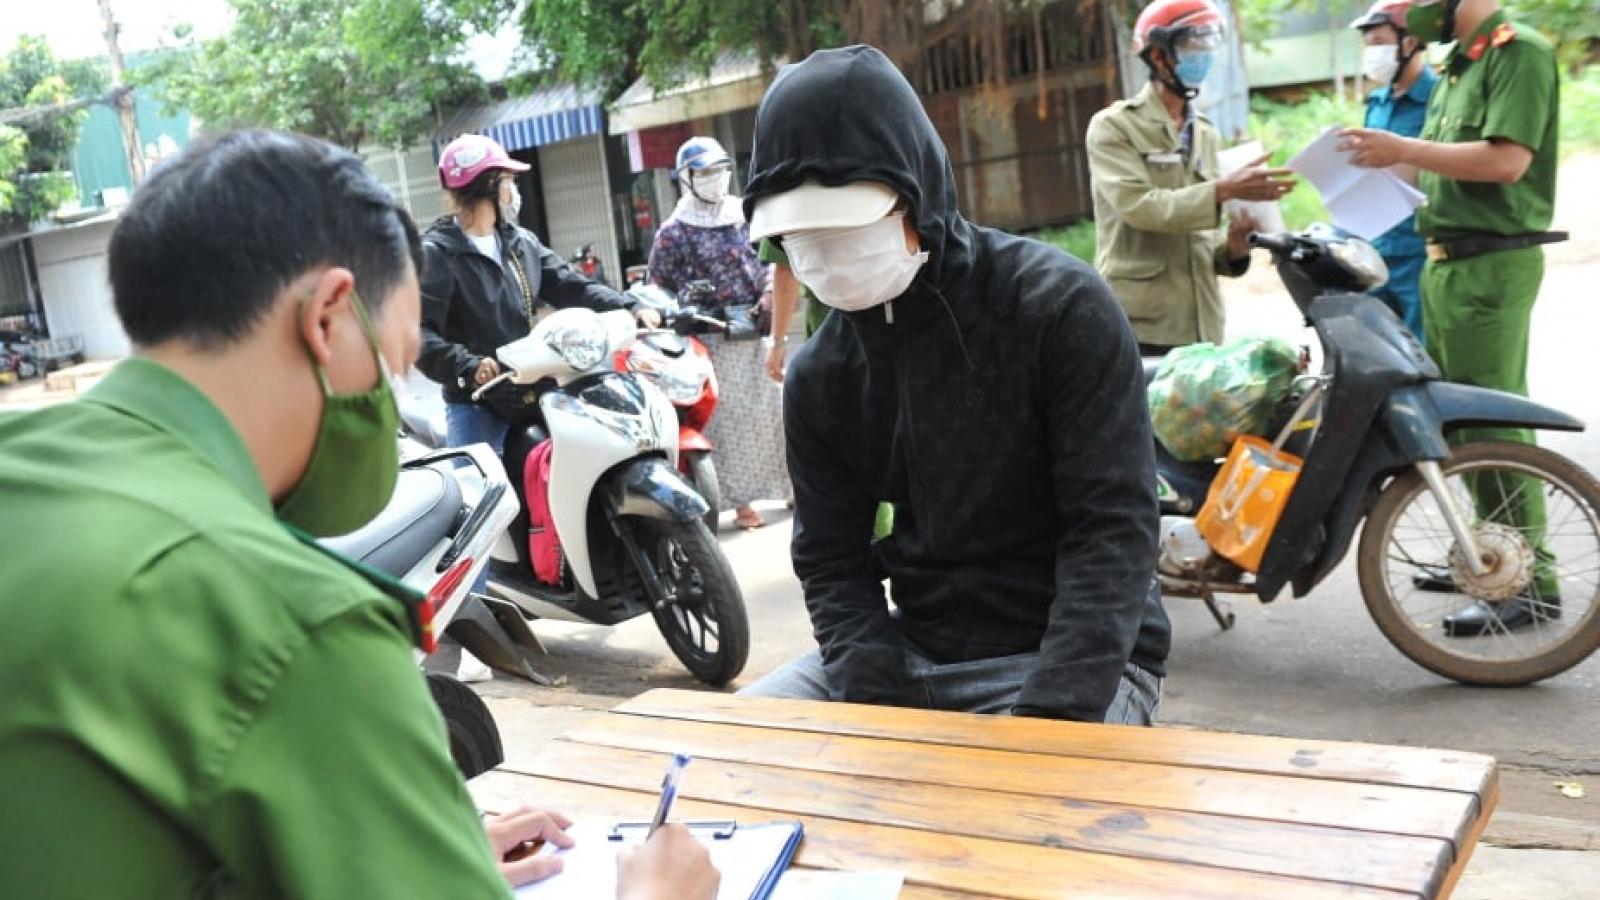 Thành phố Buôn Ma Thuột xử phạt 218 trường hợp vi phạm Chỉ thị 16